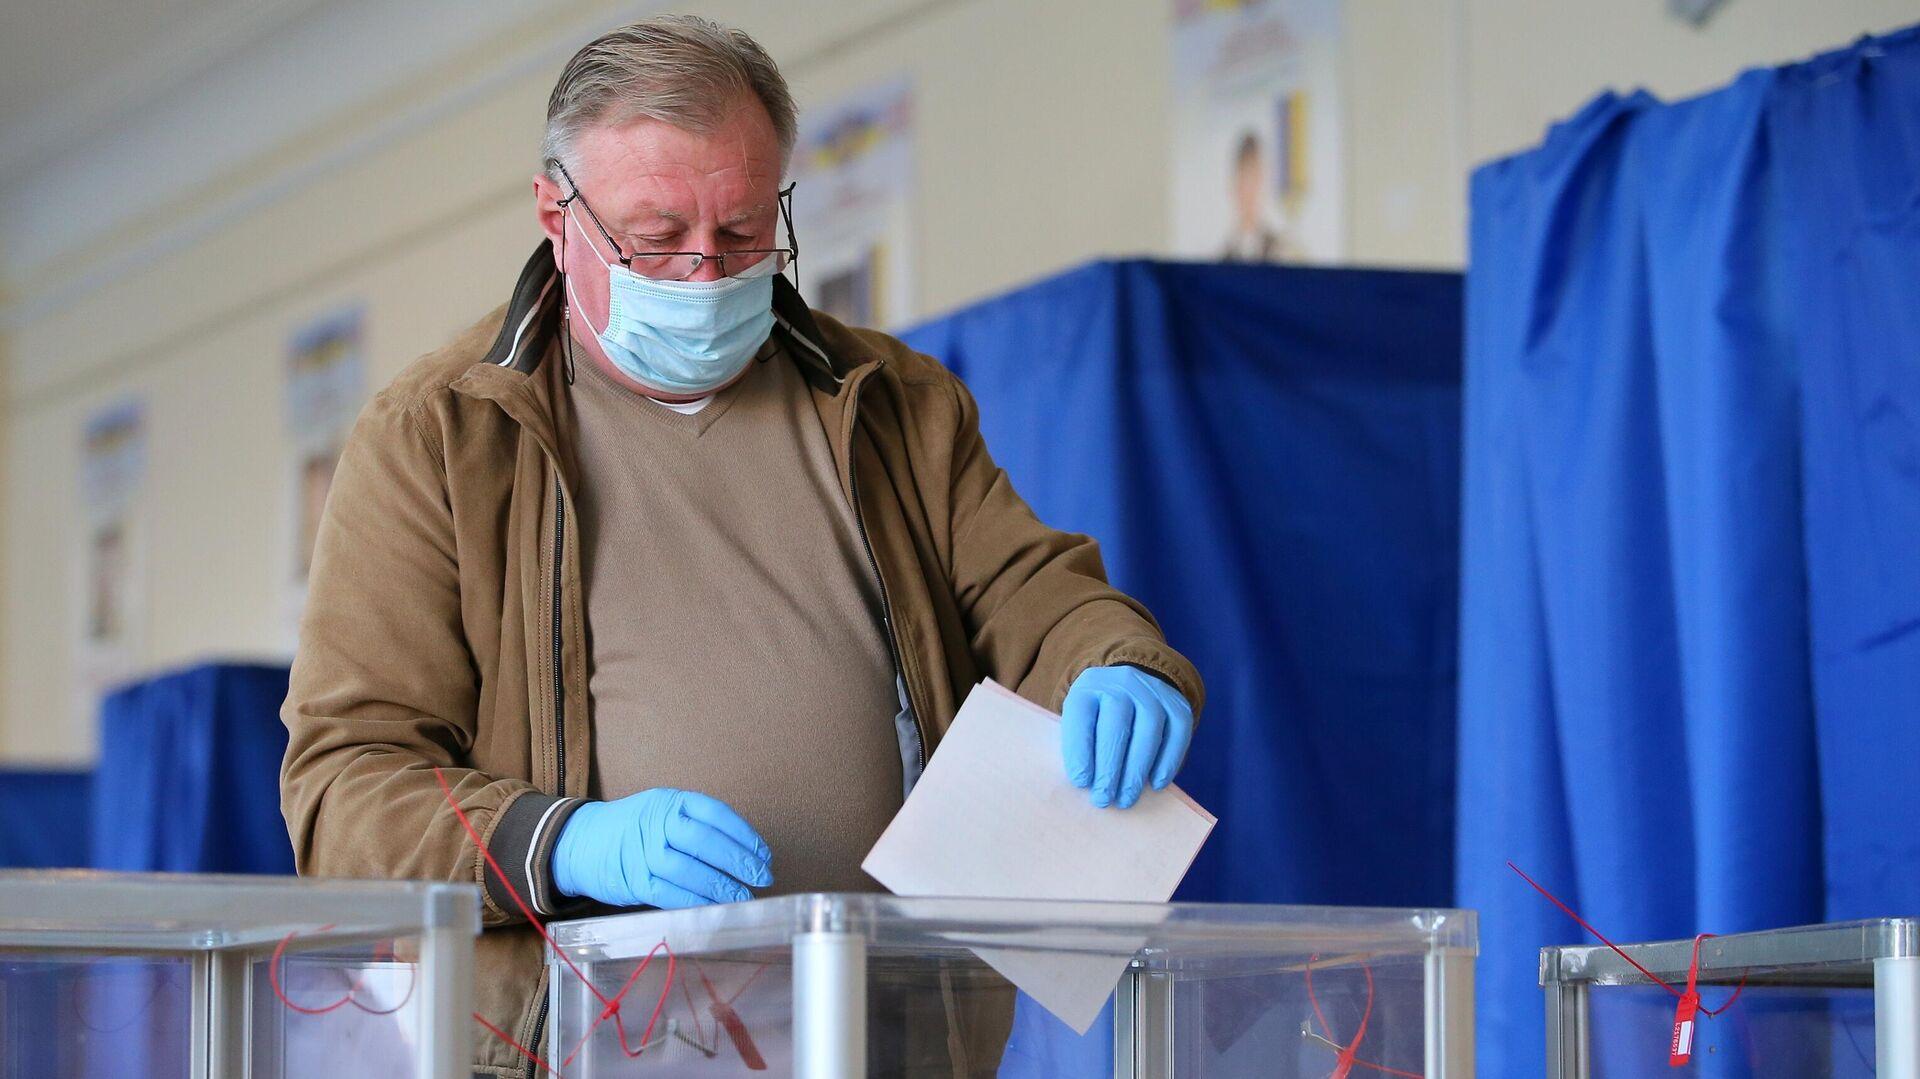 Мужчина голосует на одном из избирательных участков в Киеве - РИА Новости, 1920, 29.10.2020